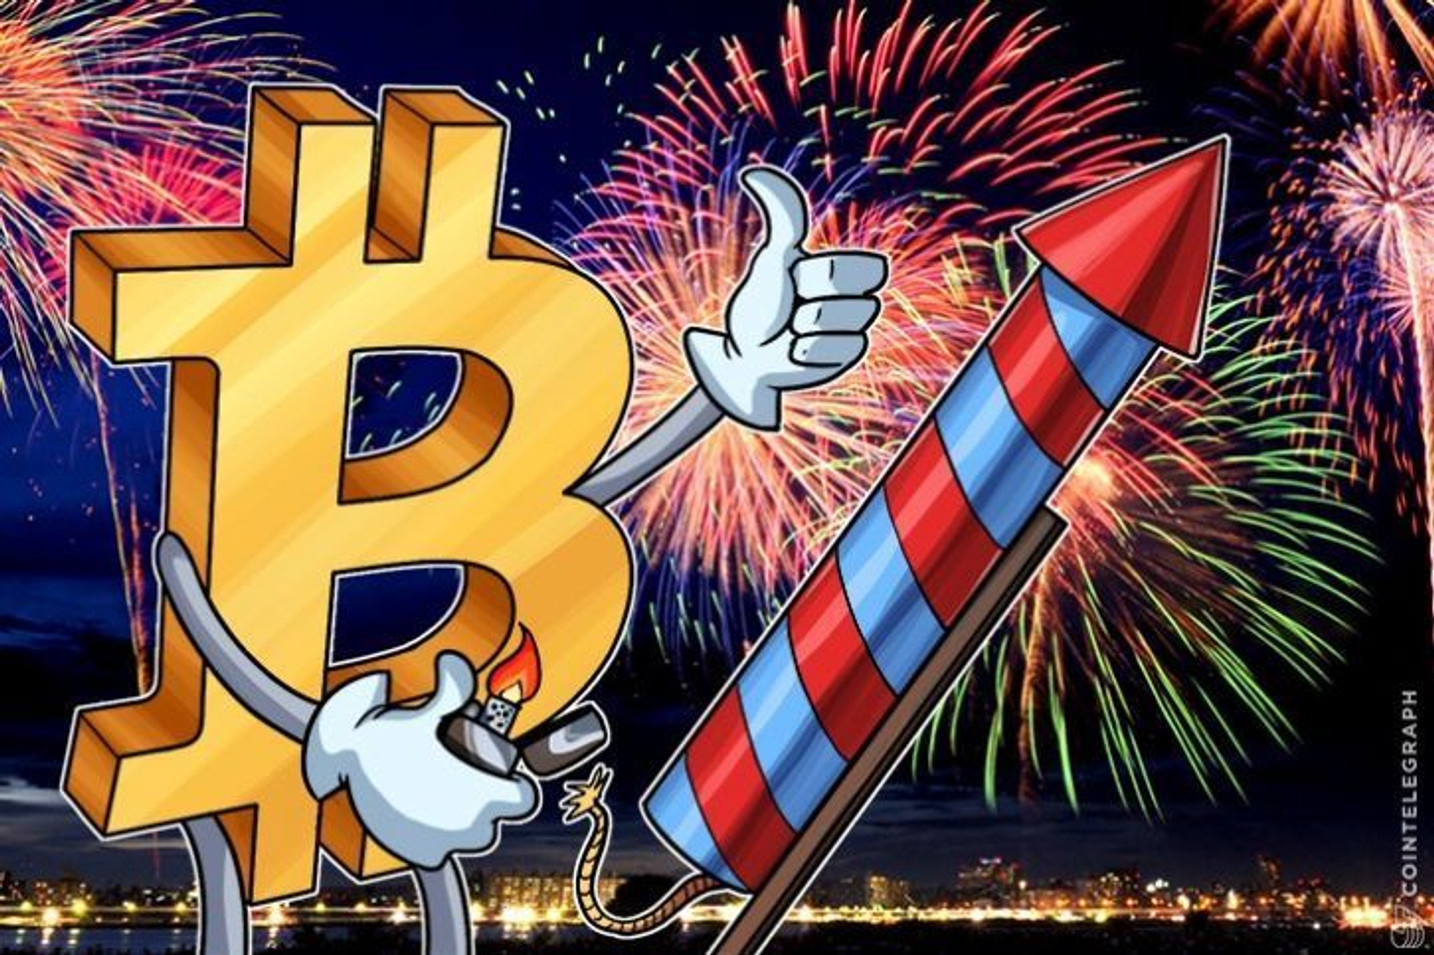 Bitkoin dostigao istorijski maksimum sa CME grupom koja najavljuje trgovanje bitkoin fjučersima